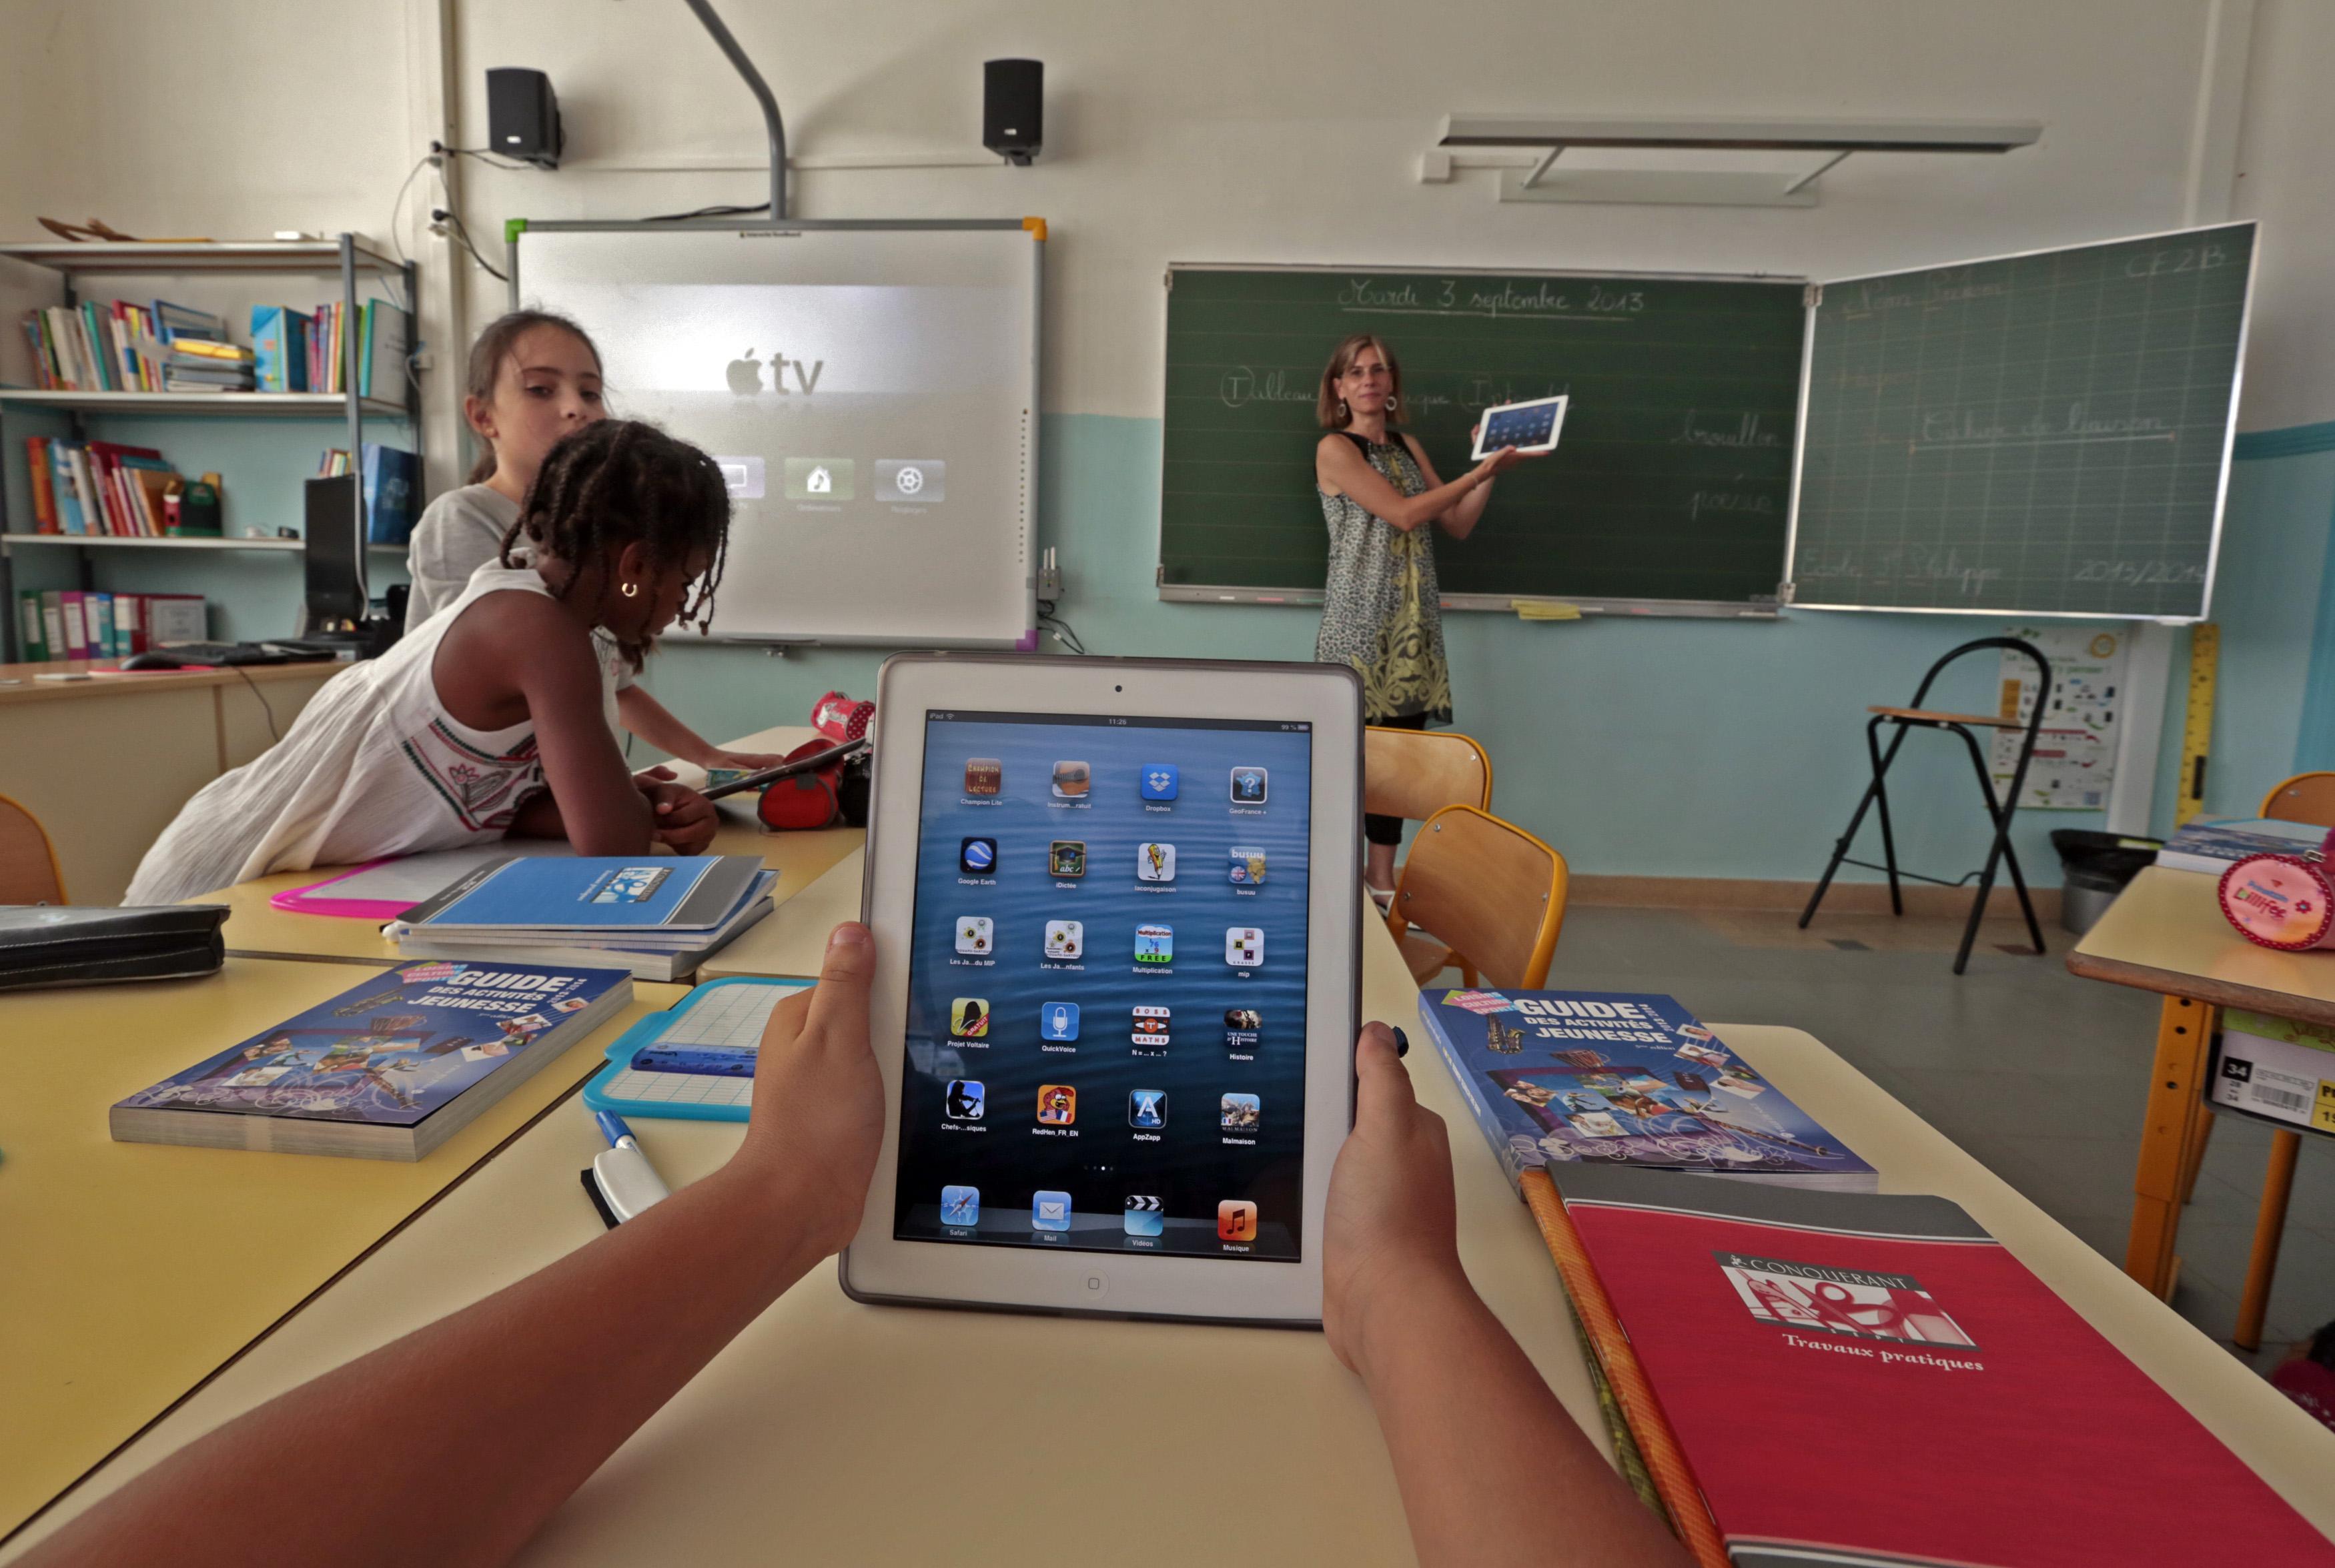 Ước mơ về giáo dục cá nhân hóa đã có từ lâu, nhưng chỉ có công nghệ giáo dục mới trao cho nhà giáo phương tiện mạnh mẽ để hiện thực hóa điều đó với chi phí giảm thiểu đáng kể. Ảnh minh họa: INT